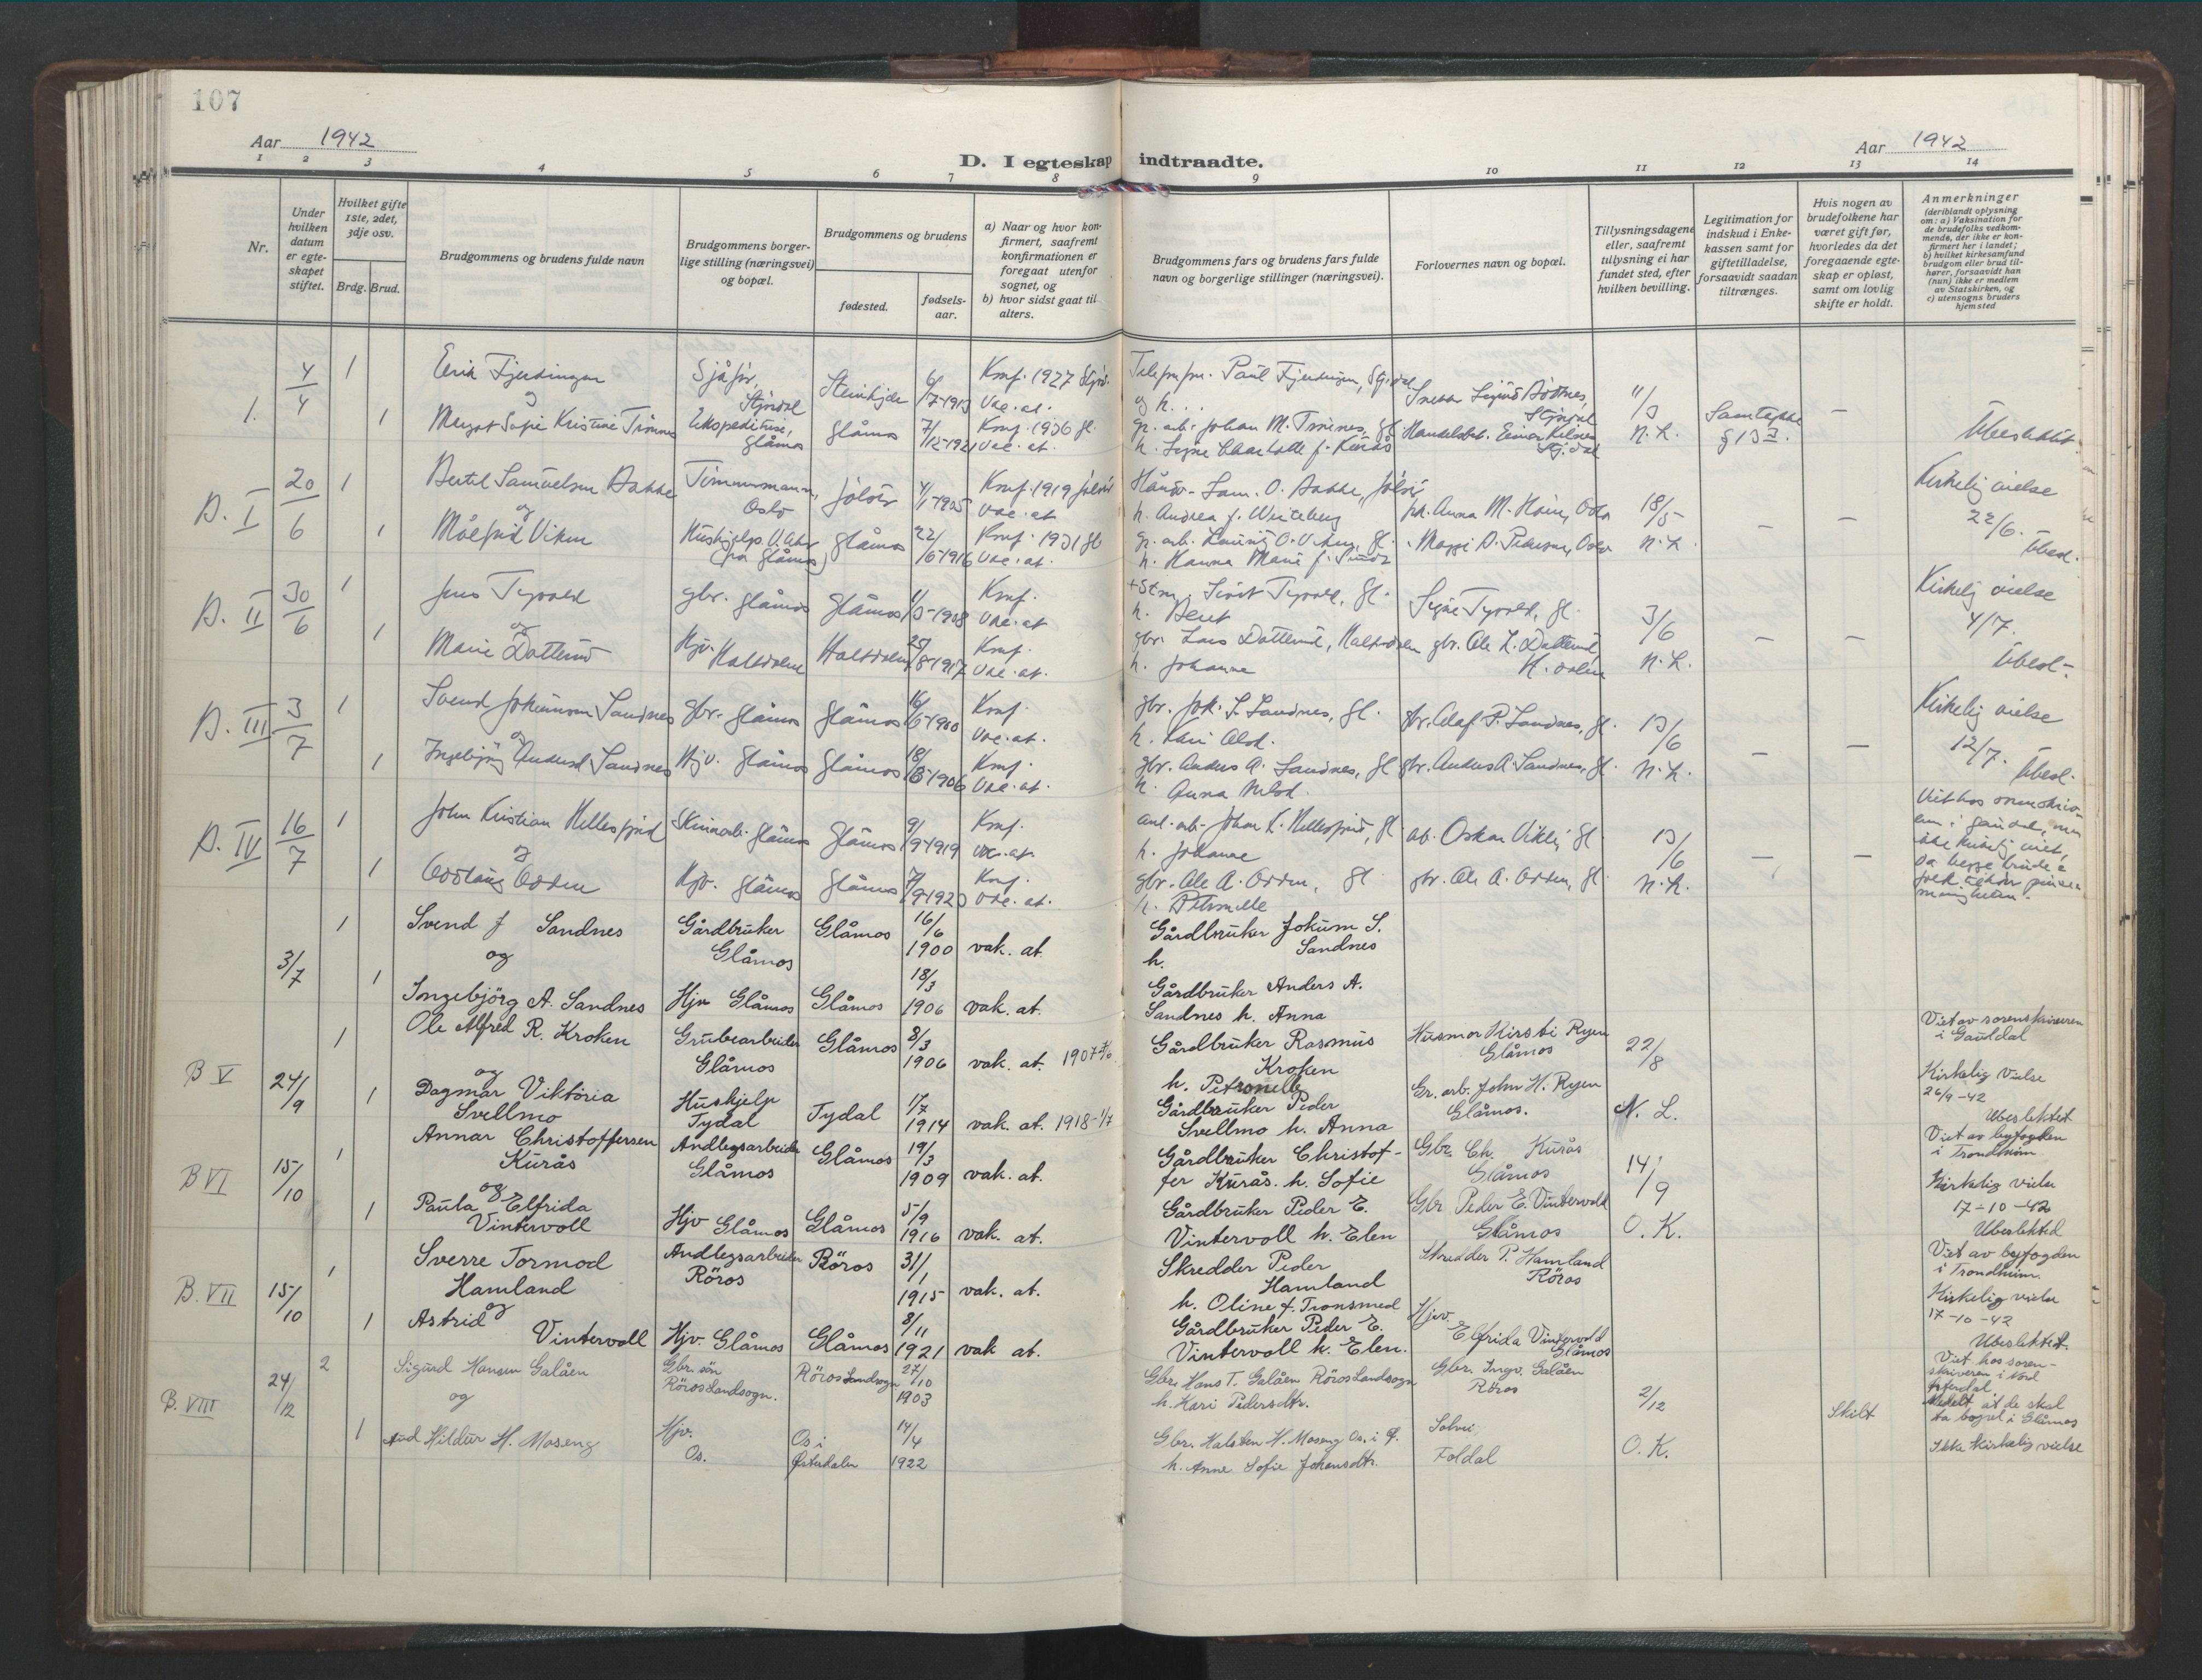 SAT, Ministerialprotokoller, klokkerbøker og fødselsregistre - Sør-Trøndelag, 682/L0947: Klokkerbok nr. 682C01, 1926-1968, s. 107